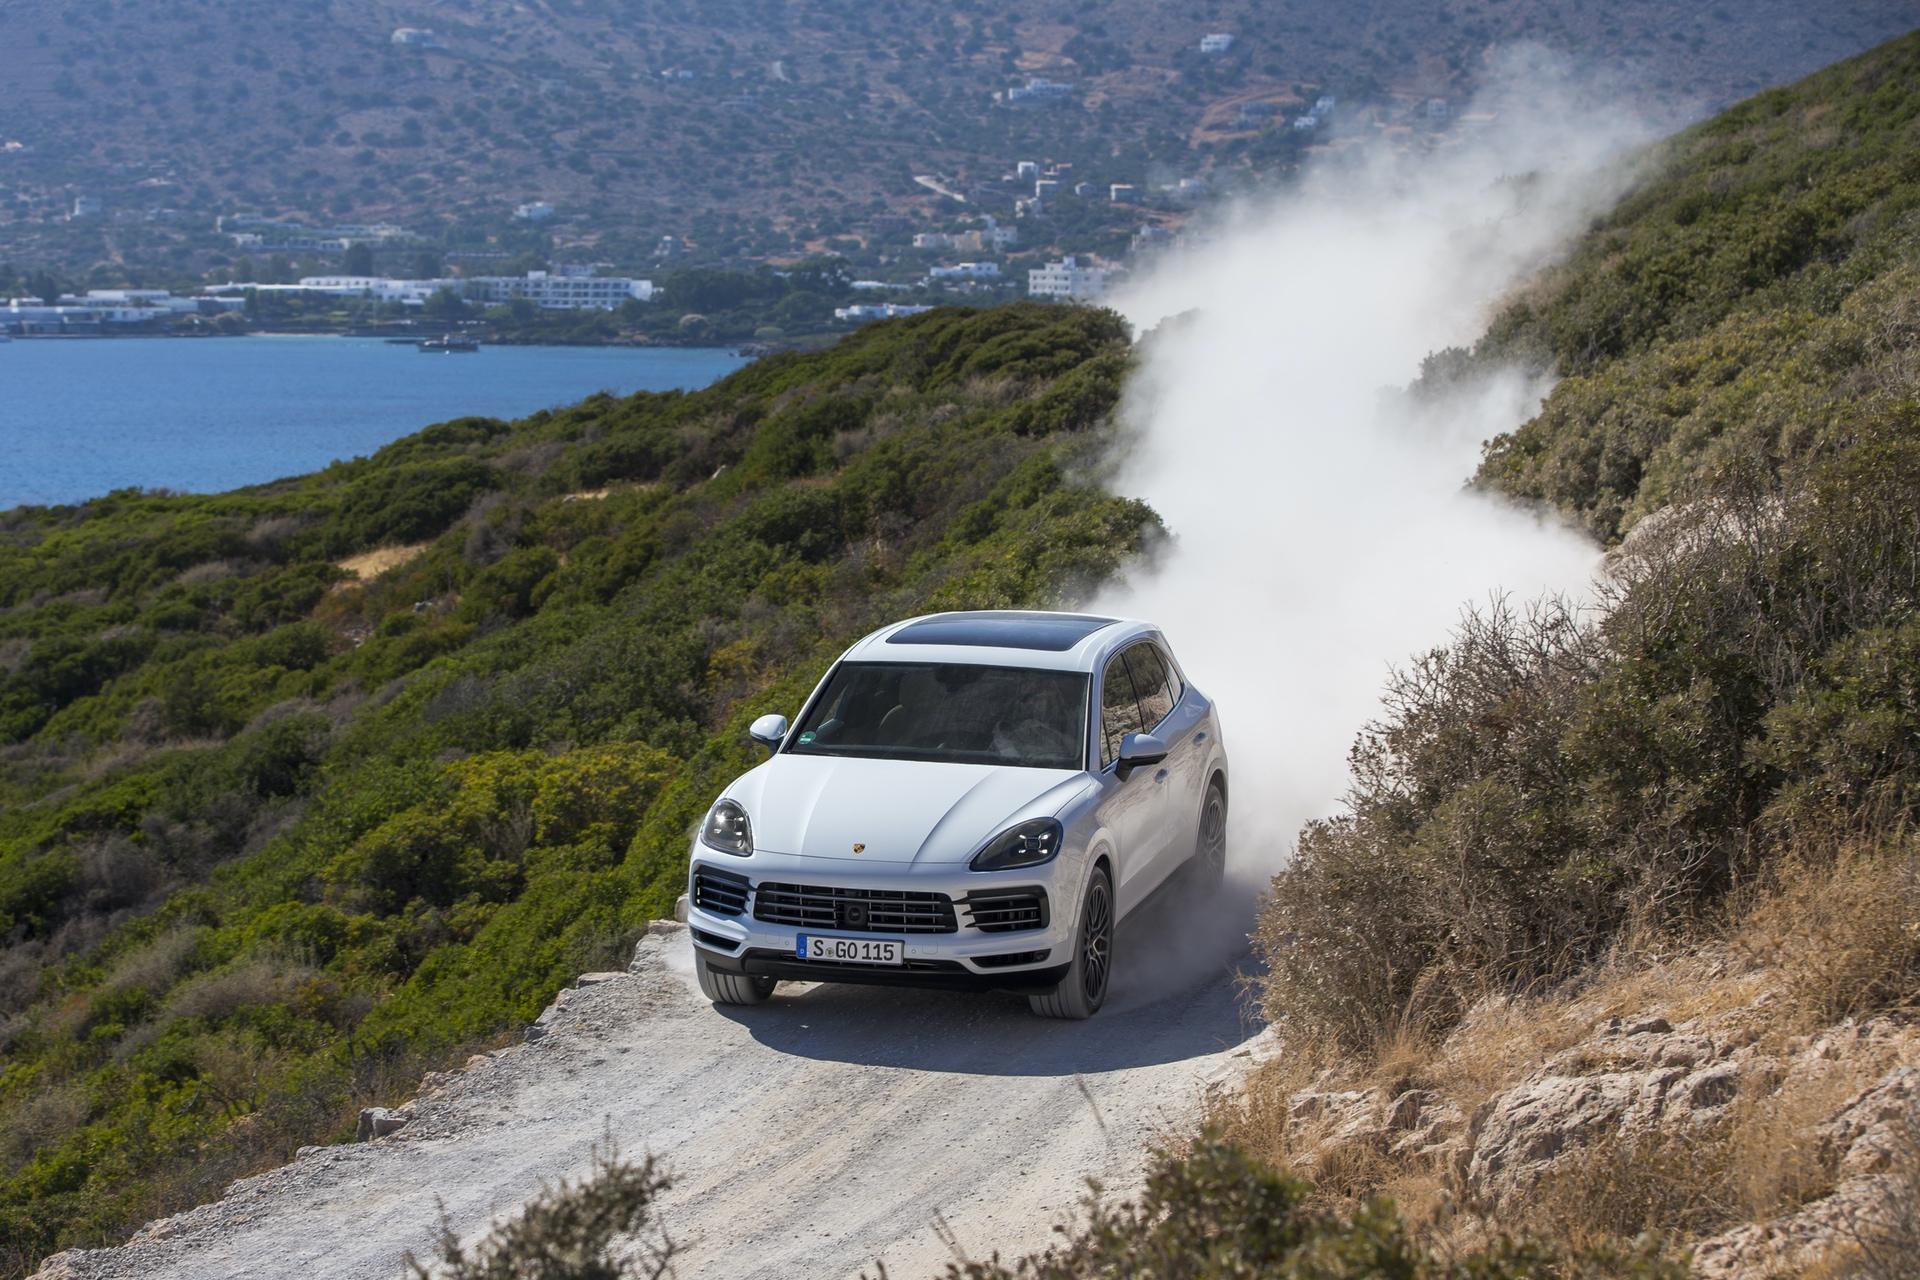 Test_Drive_Porsche_Cayenne_272